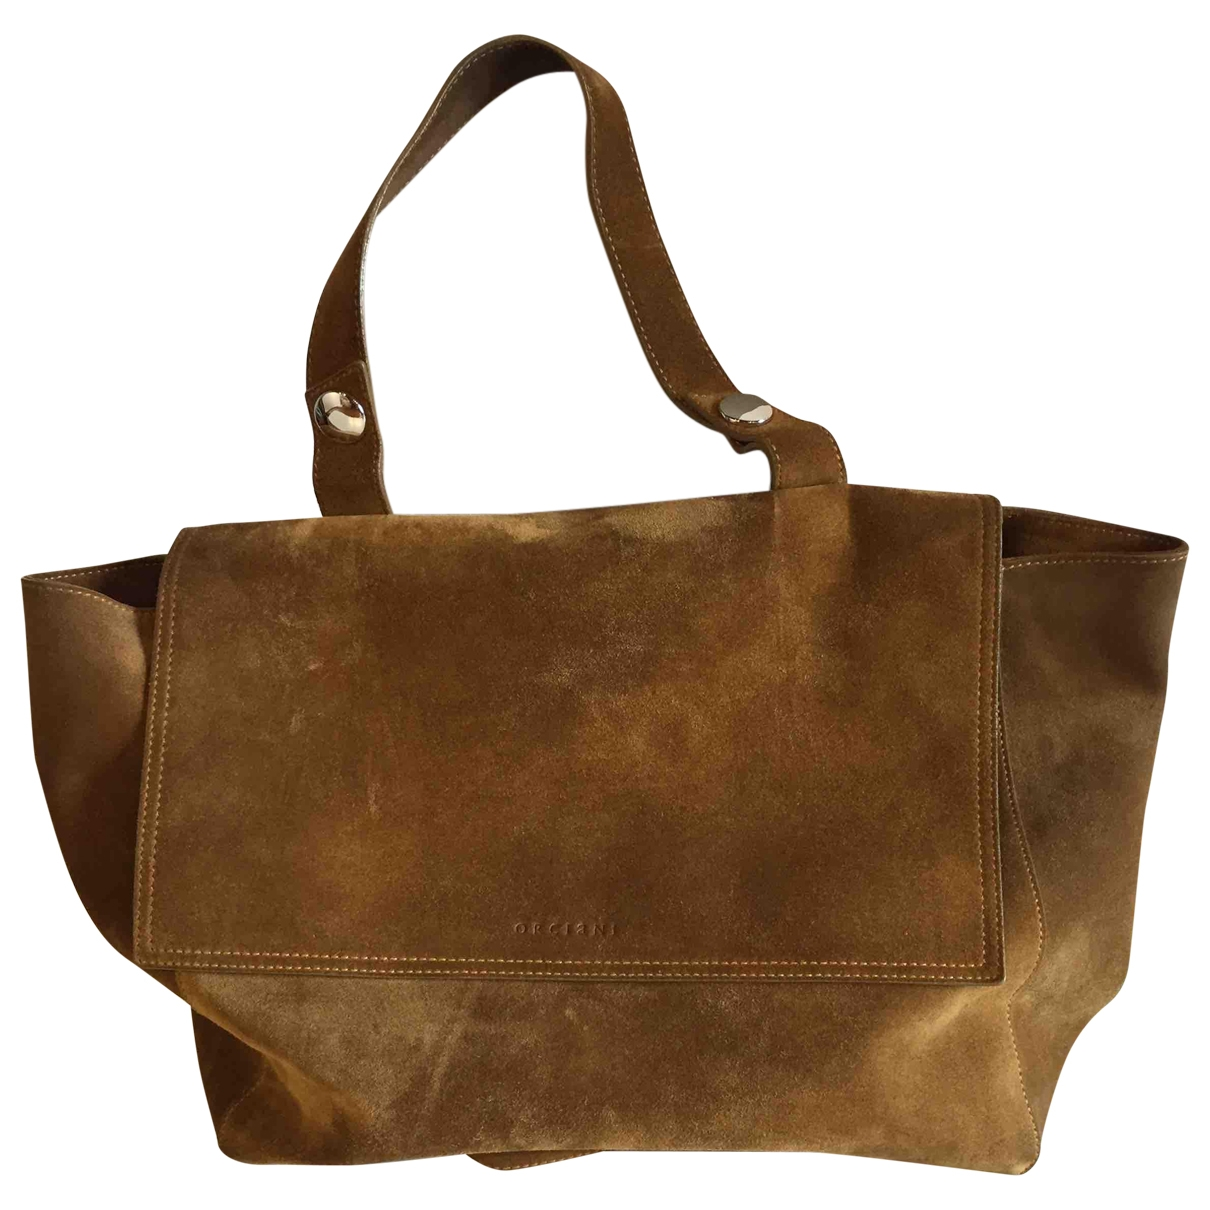 Orciani \N Handtasche in  Braun Veloursleder